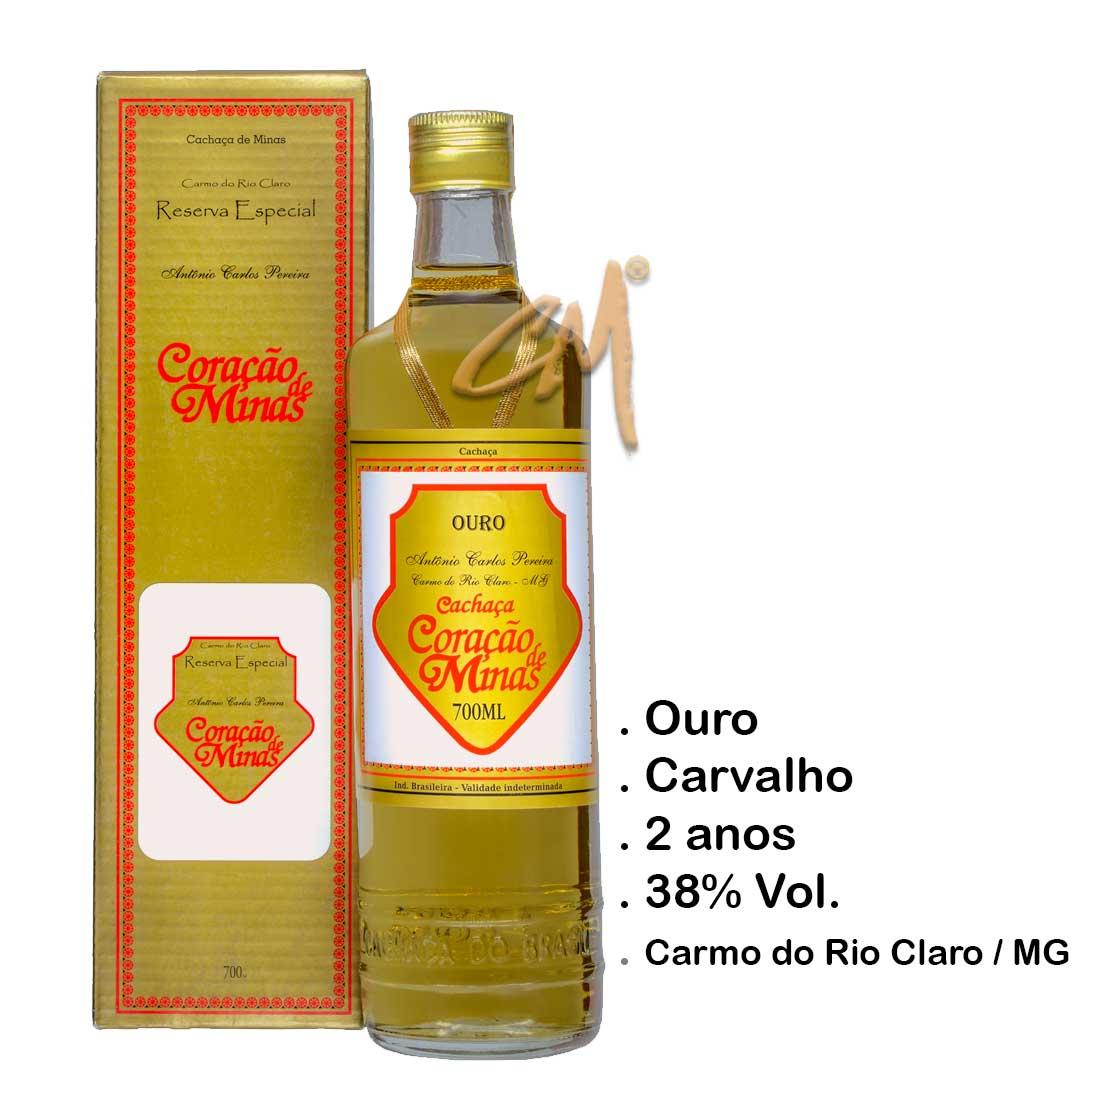 Cachaça Coração de Minas 700 ml (Carmo do Rio Claro - MG)